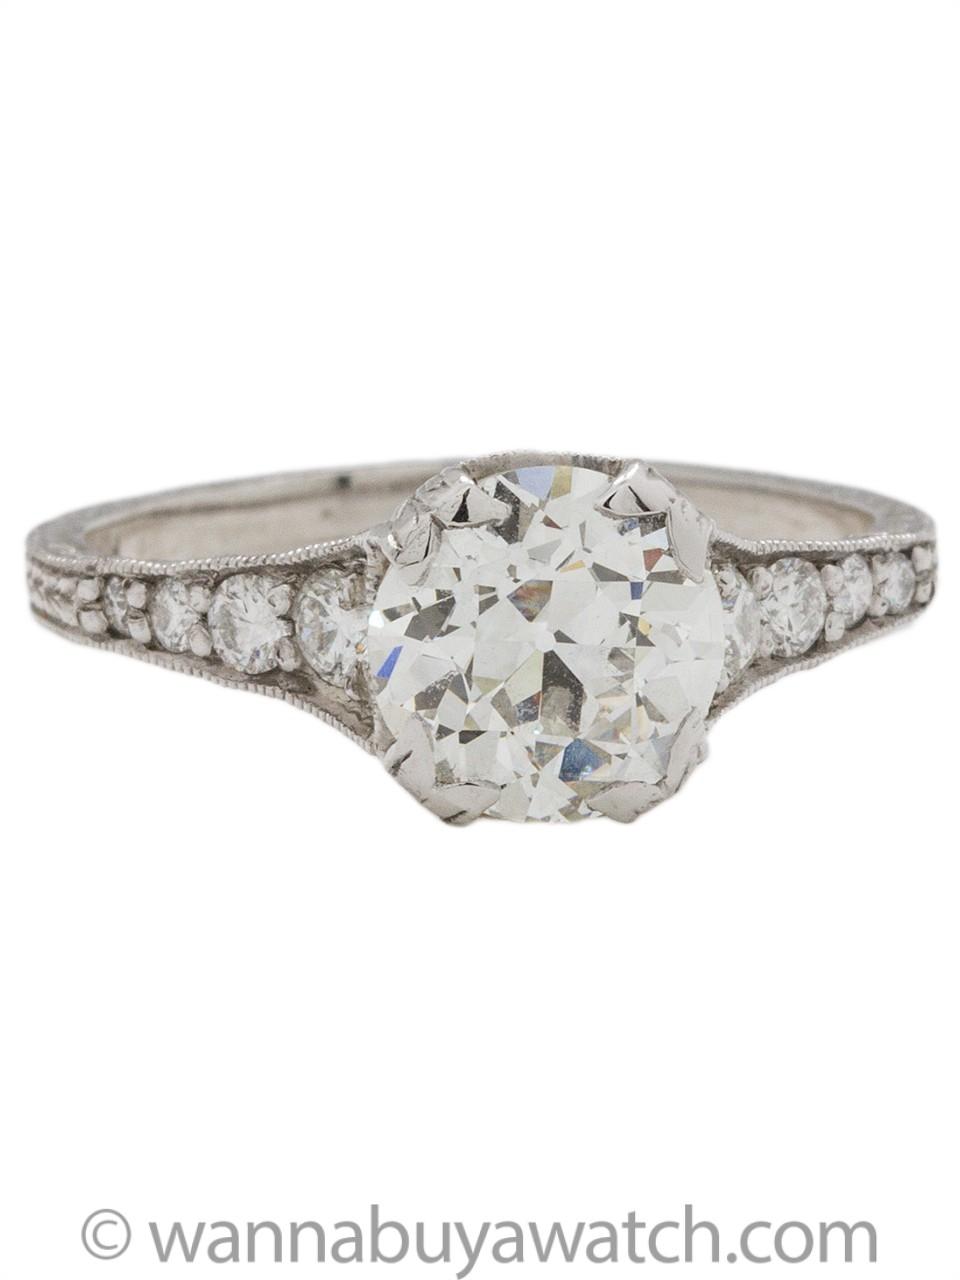 Hand Engraved Edwardian Style Engagement Ring Platinum 1 63ct Oec G Vs1